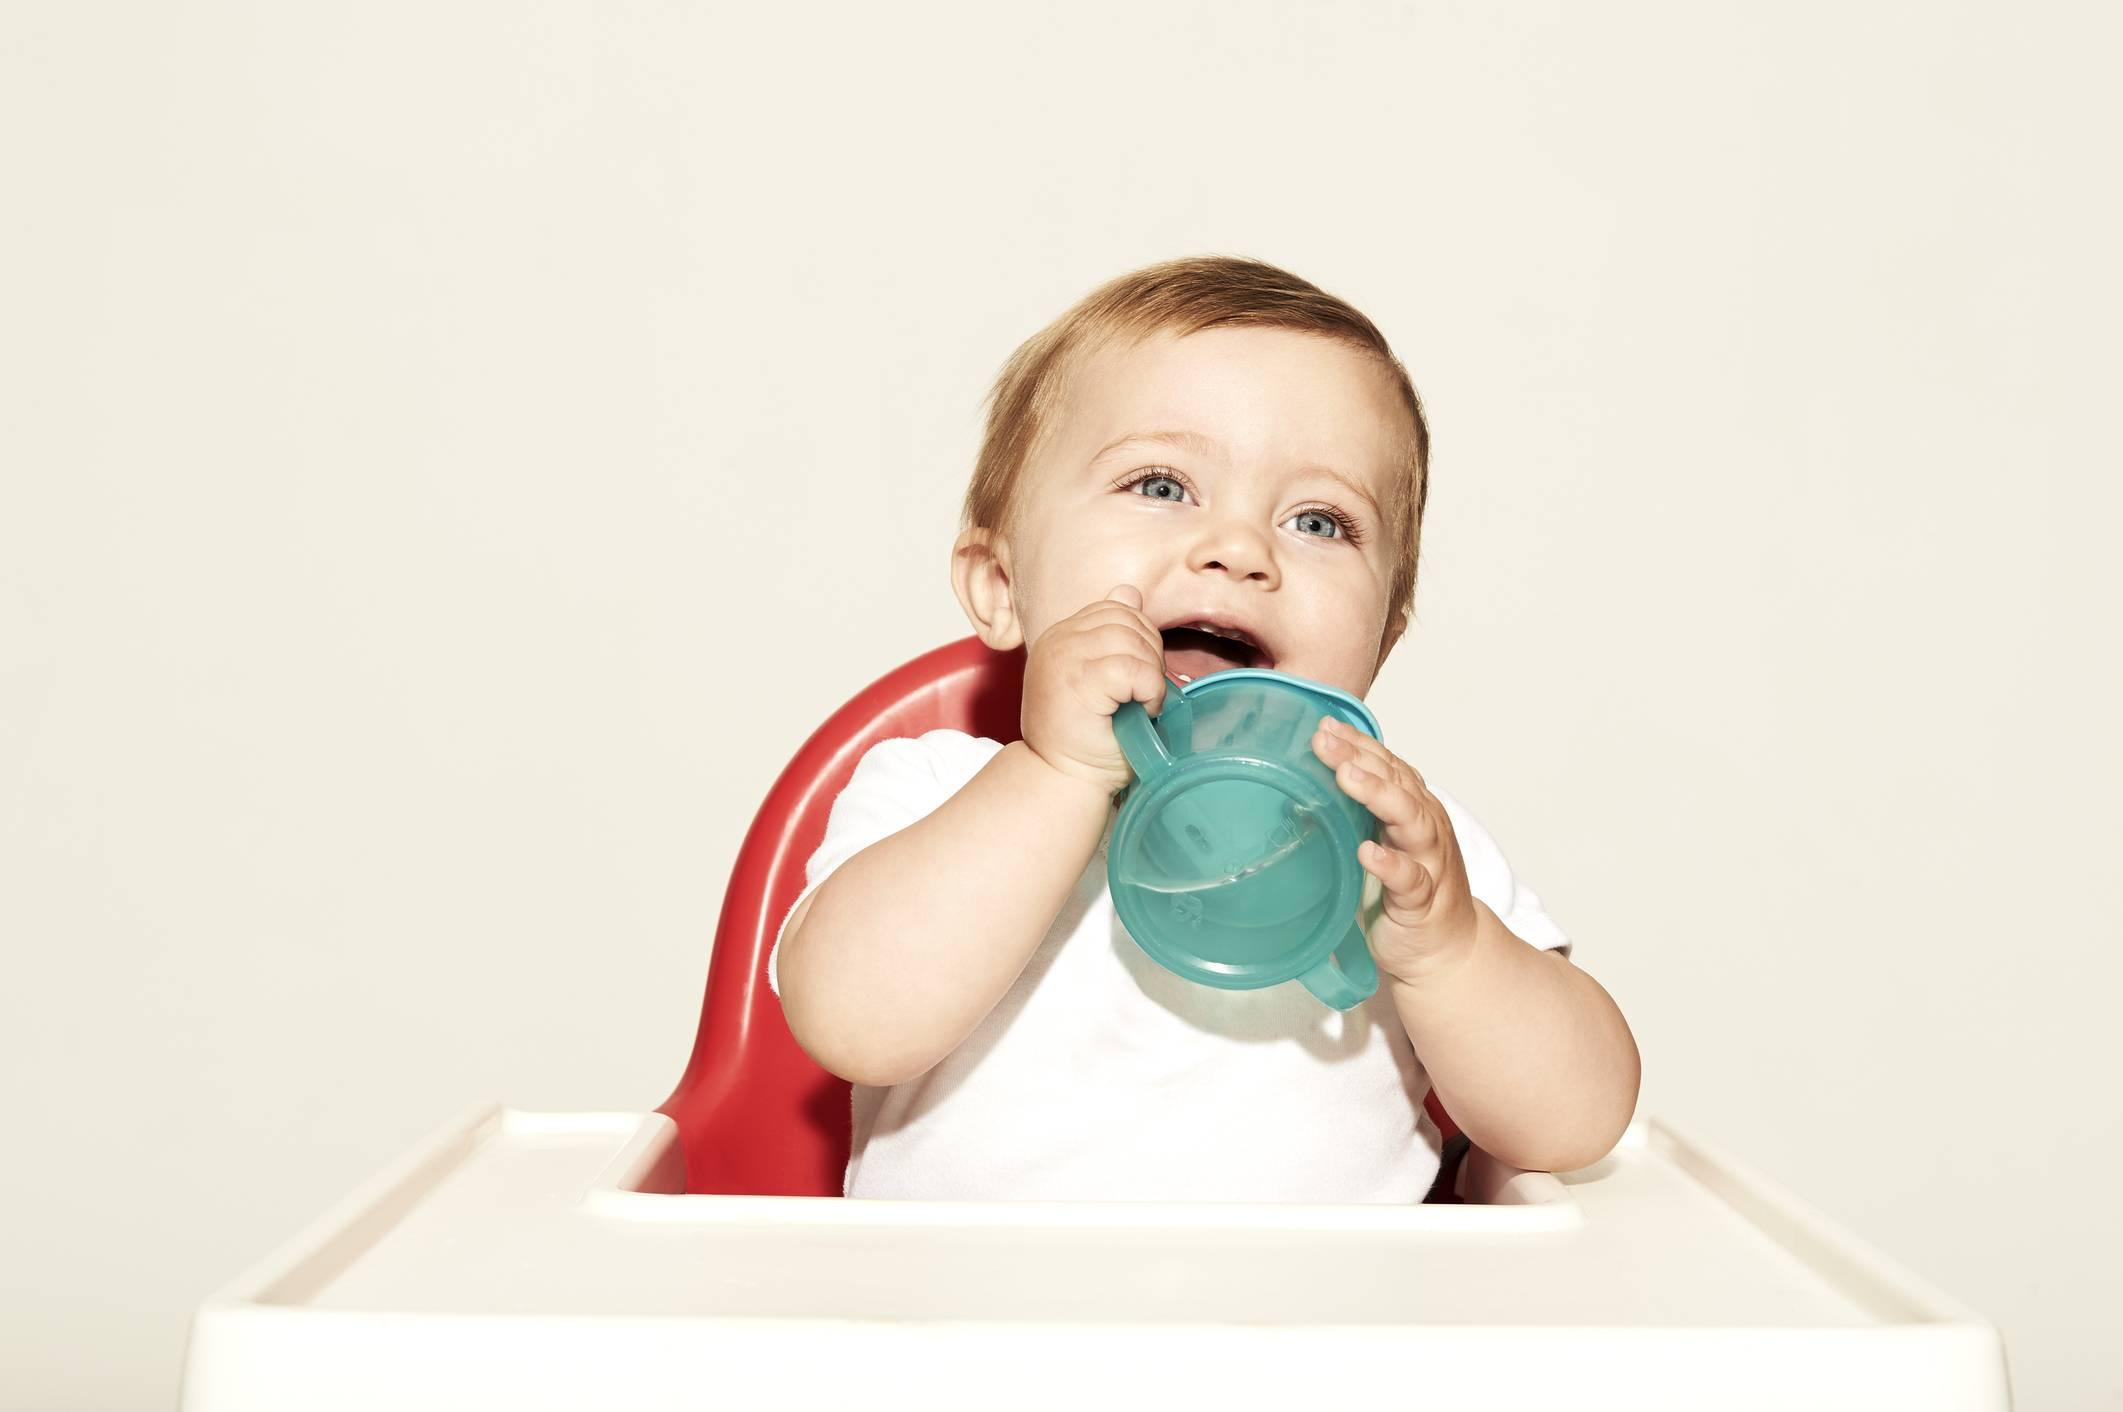 Давать или нет воду грудничку?